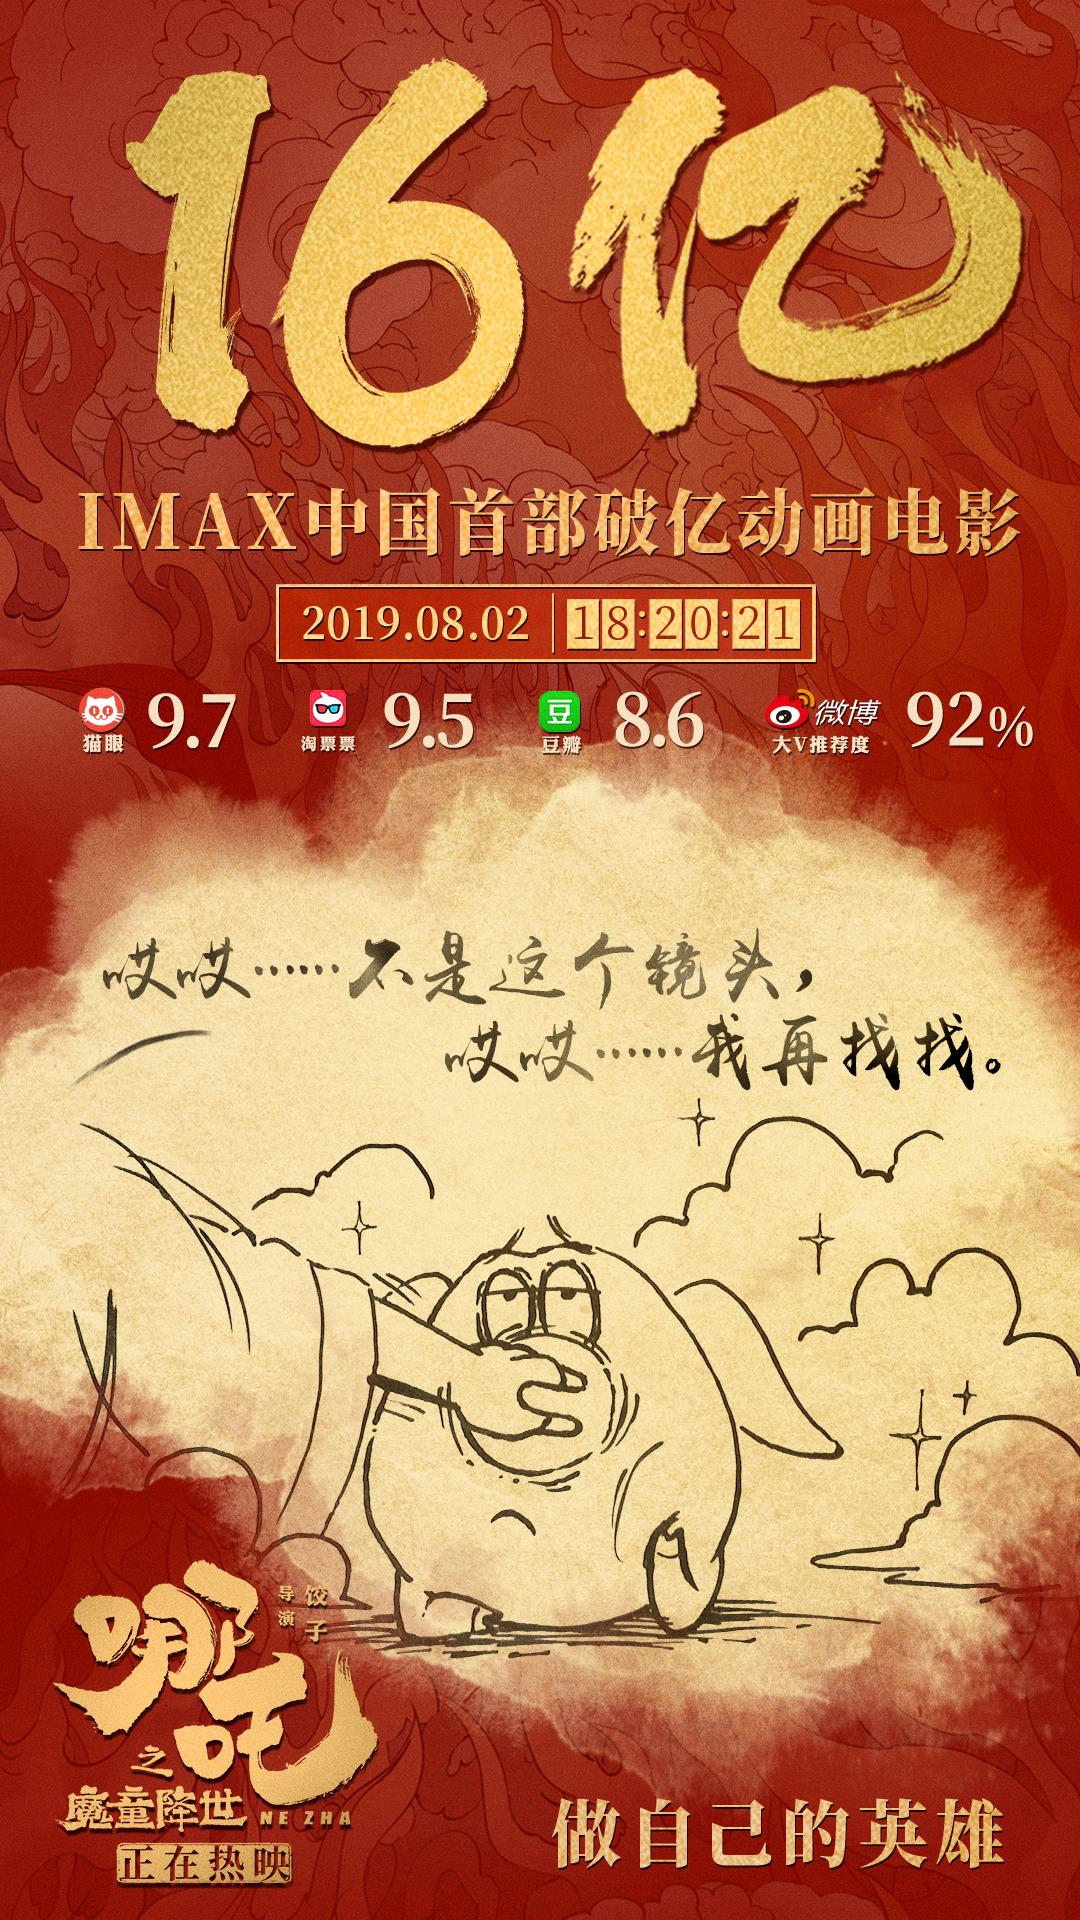 《哪咤》分账票房超《疯狂动物城》 正式成为中国影史动画电影新票房冠军